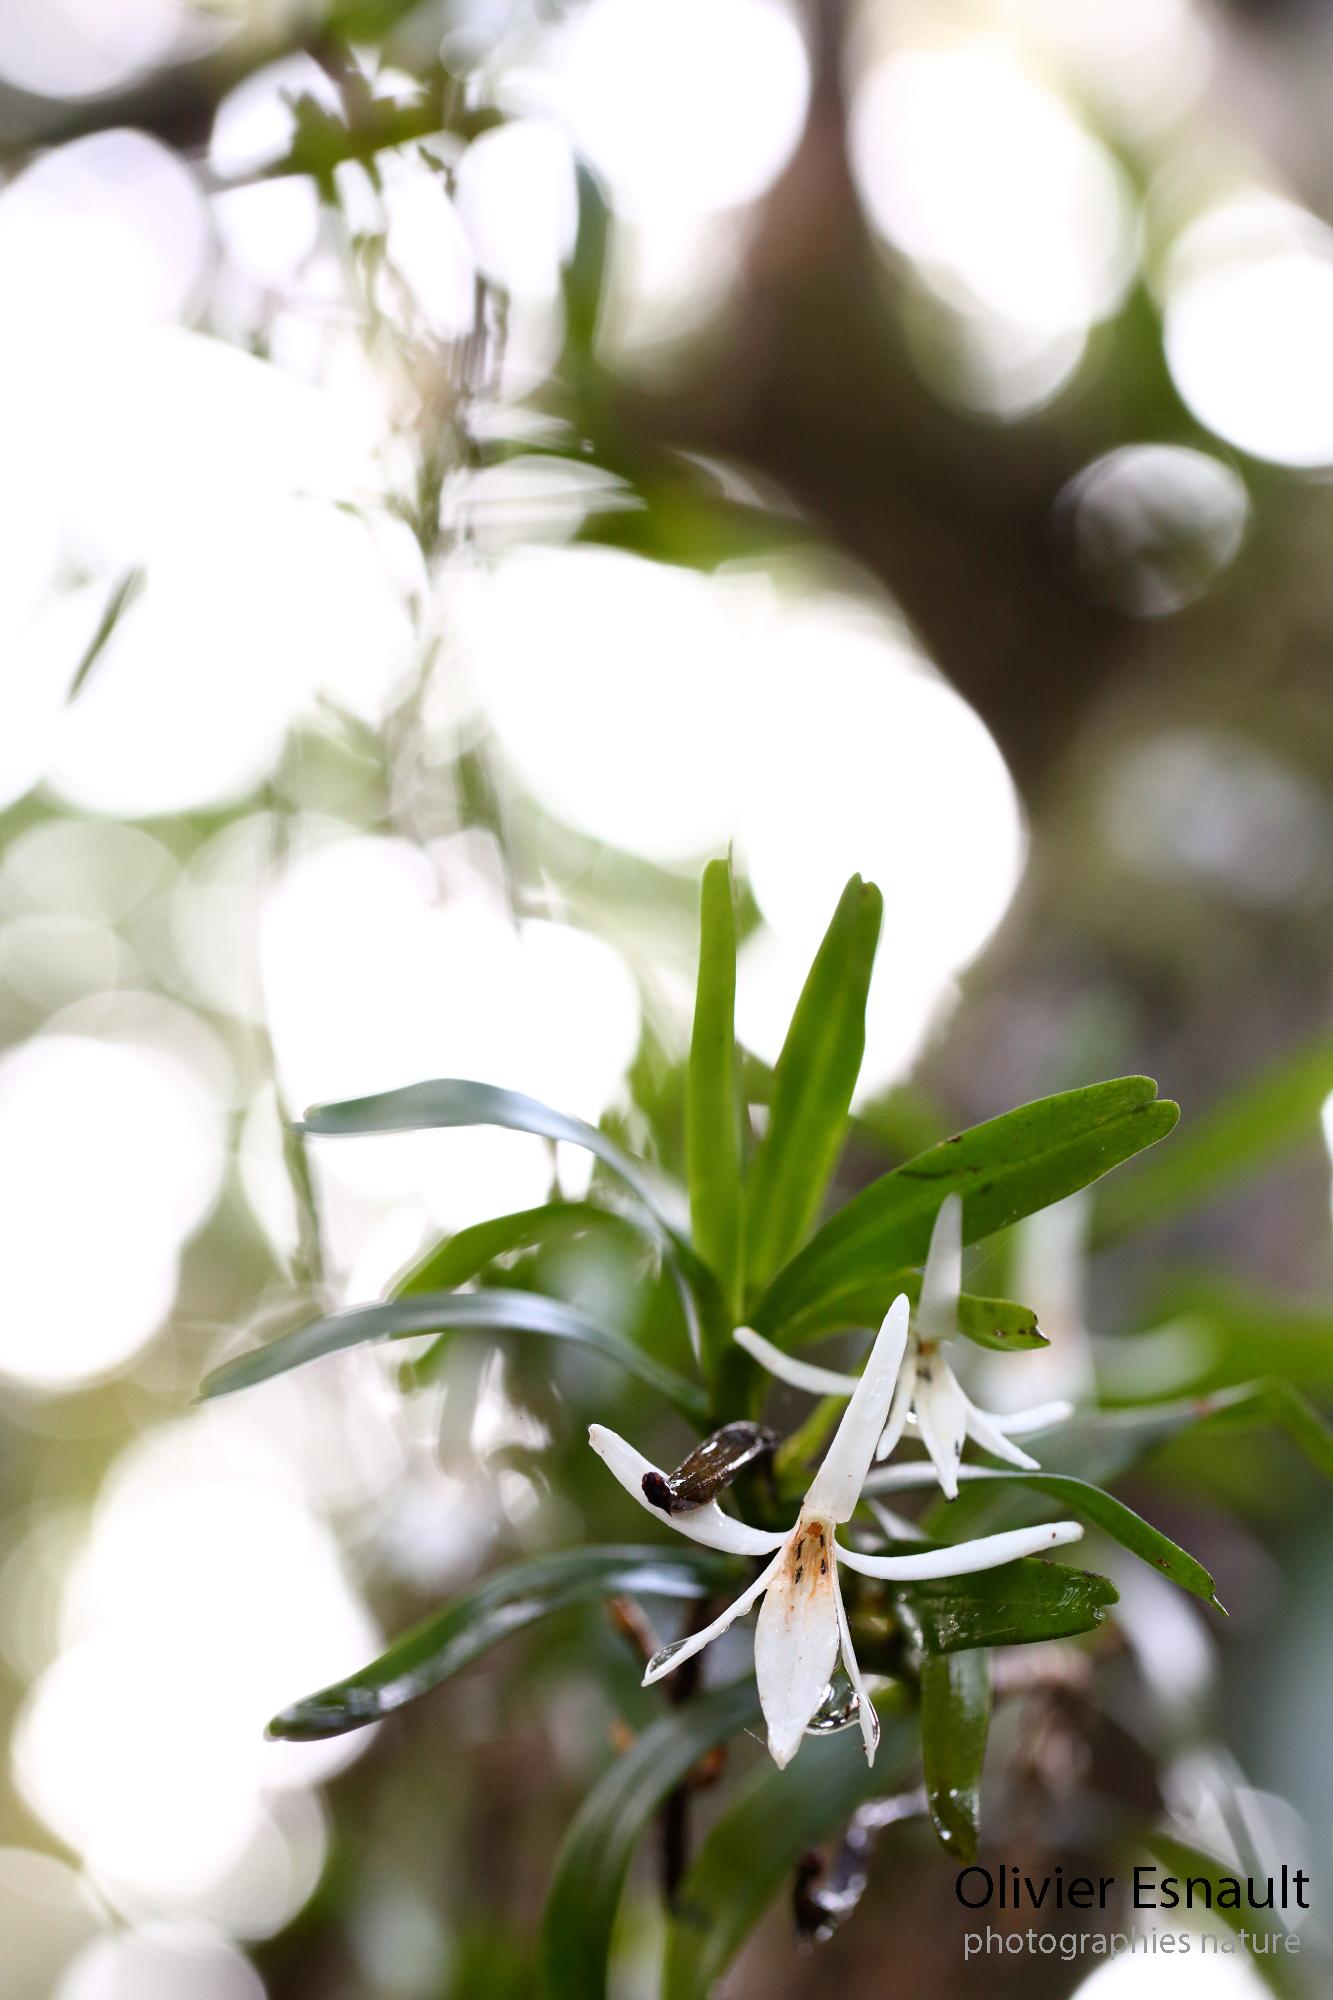 Olivier esnault blancheur des hauts - Maladie de l olivier mousse blanche ...